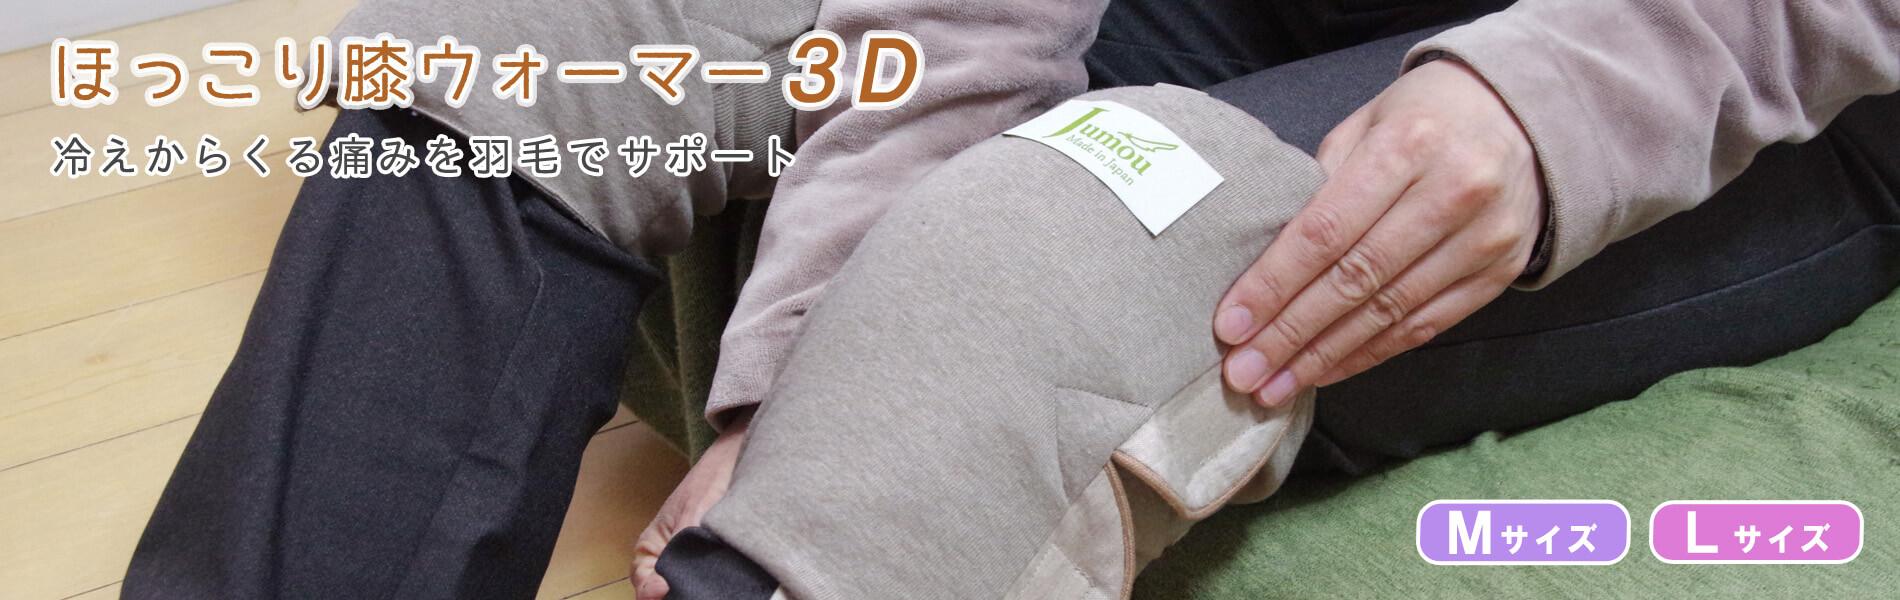 ほっこり膝ウォーマー3D